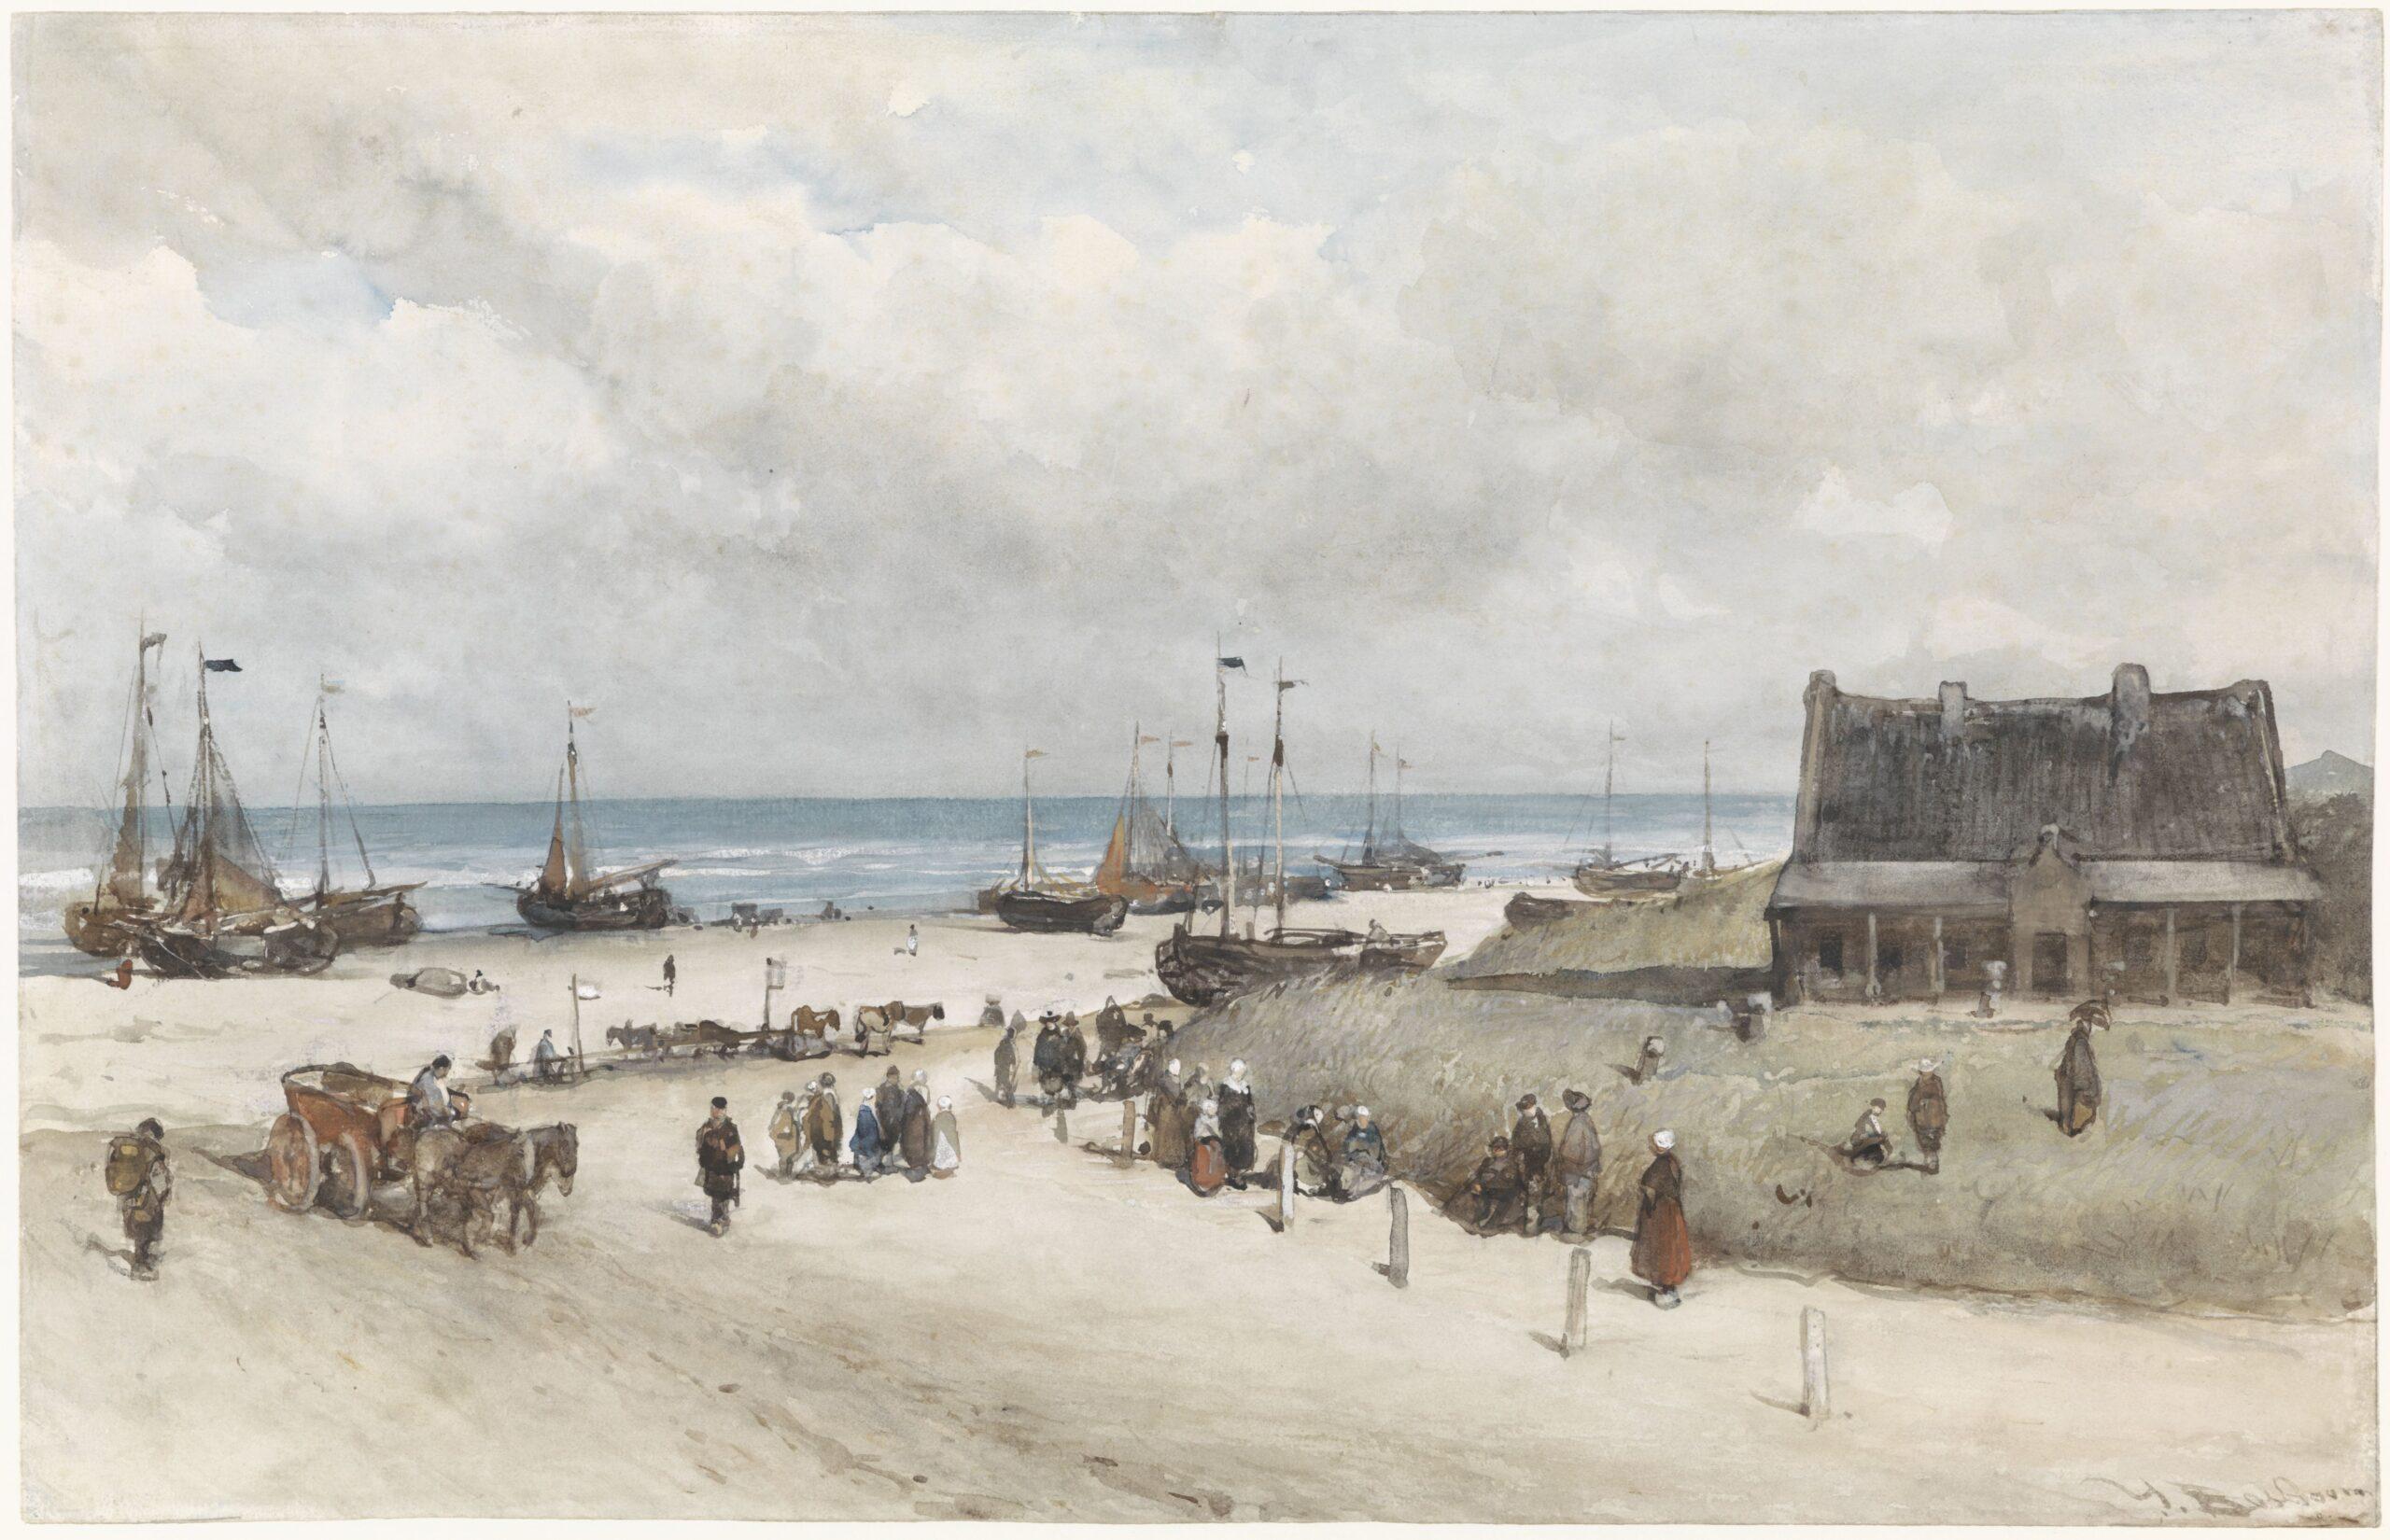 Johannes Bosboom (1817-1891), The Beach at Scheveningen, 1873<br>Rijksmuseum, Amsterdam